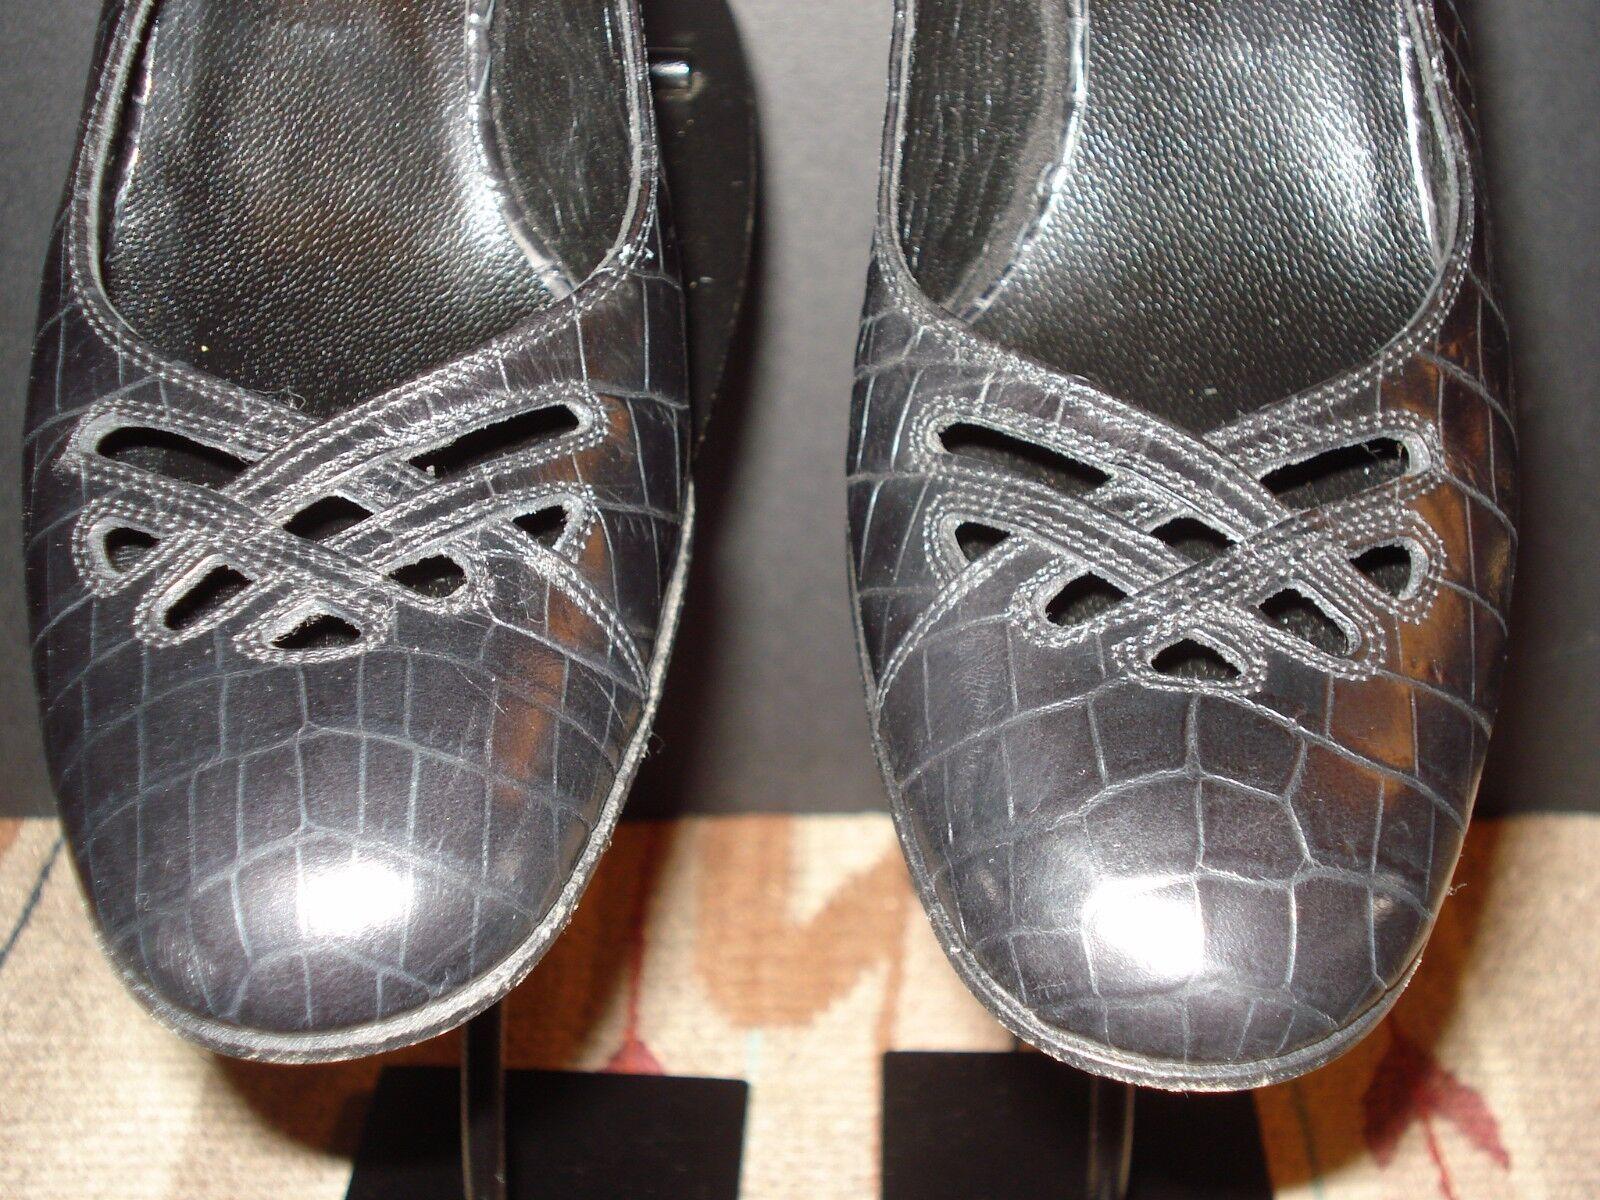 Isaac Mizrahi Italy Nero Pelle Faux-Croc Kitten Kitten Kitten Heel Slingback Sz. 6M MINTY! 45499a